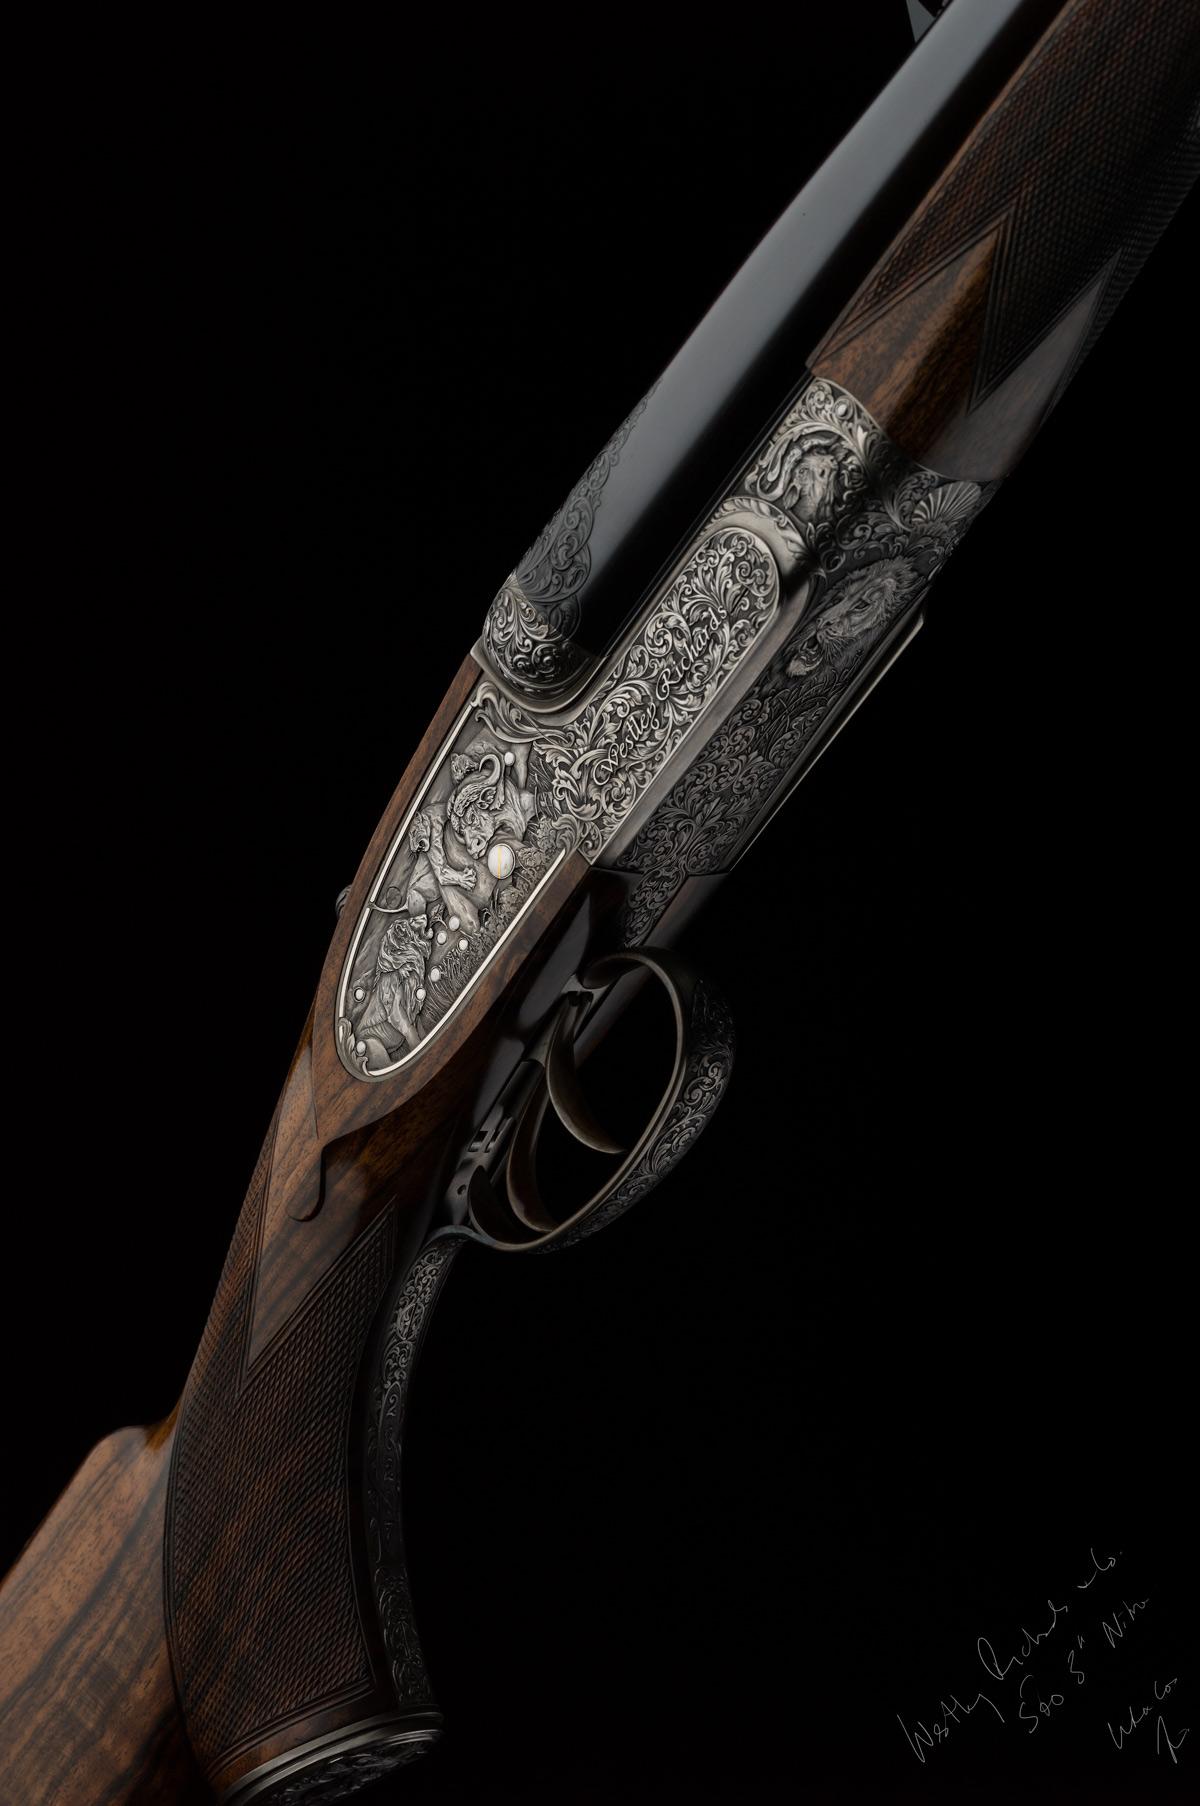 Westley Richards, Double Rifle, 500 Nitro, 500 3inch, Nitro Express rifle,